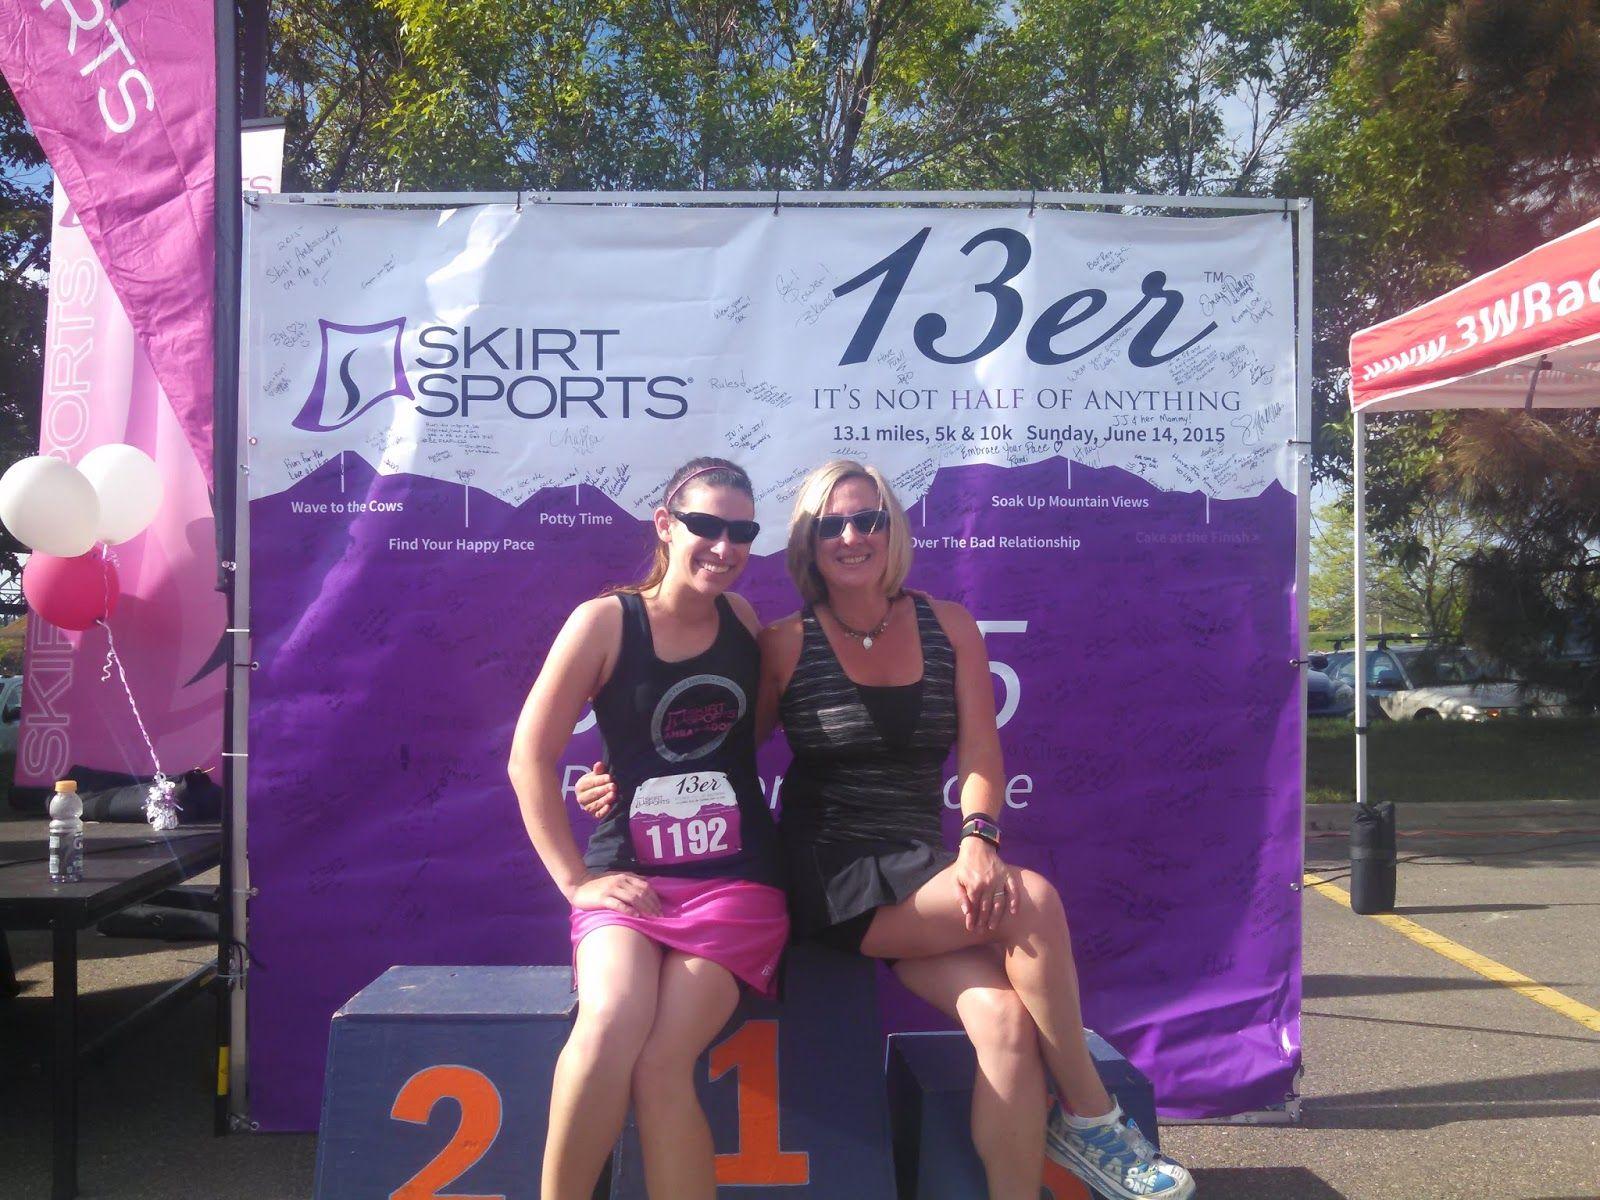 The Running Mormon: Race Report: Skirt Sports 13er